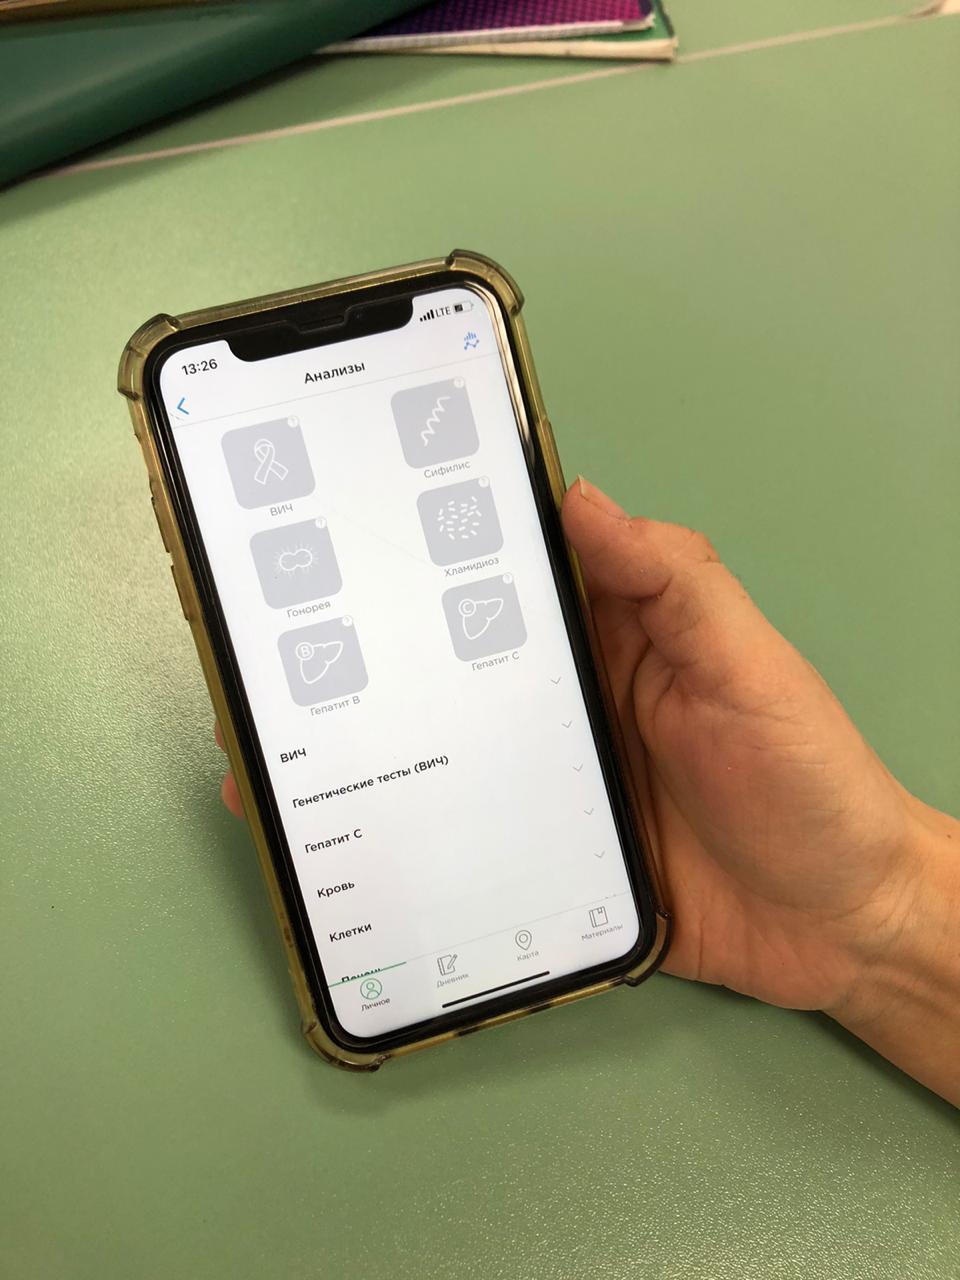 Для ВИЧ-инфицированных разработано специальное мобильное приложение. Оно напомнит, что надо сдать анализы или посетить врача.